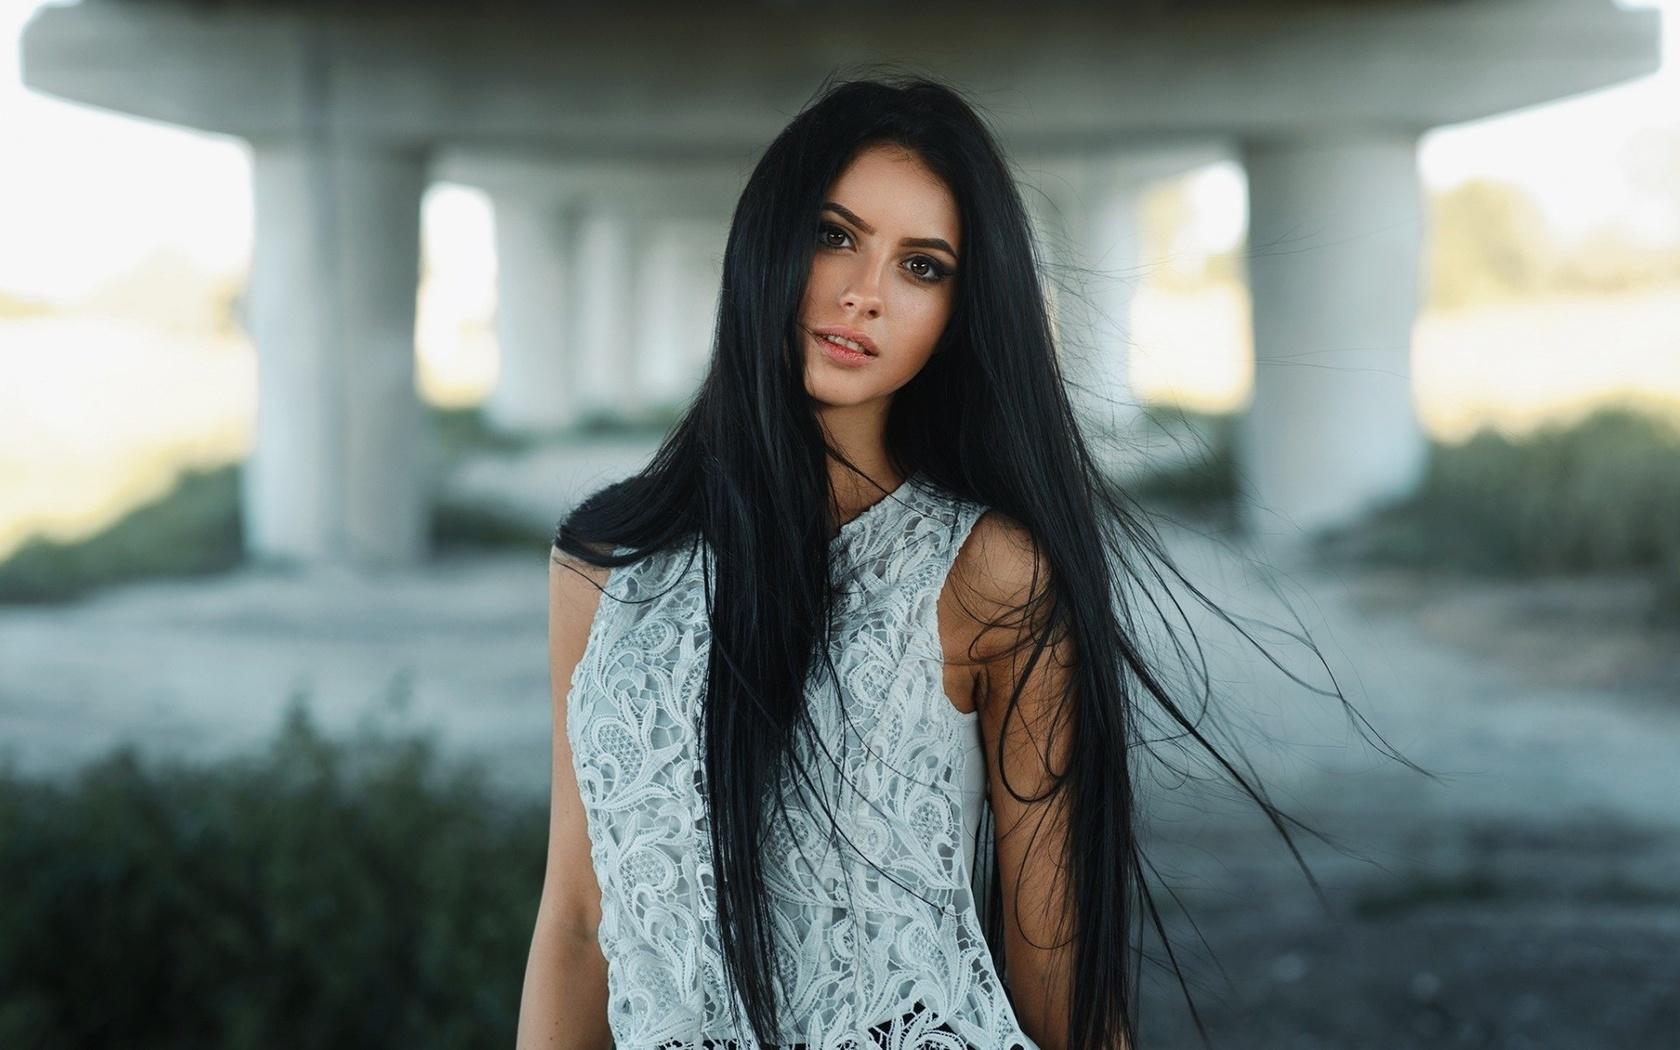 красивые фотографии девушки темноволосая провальные